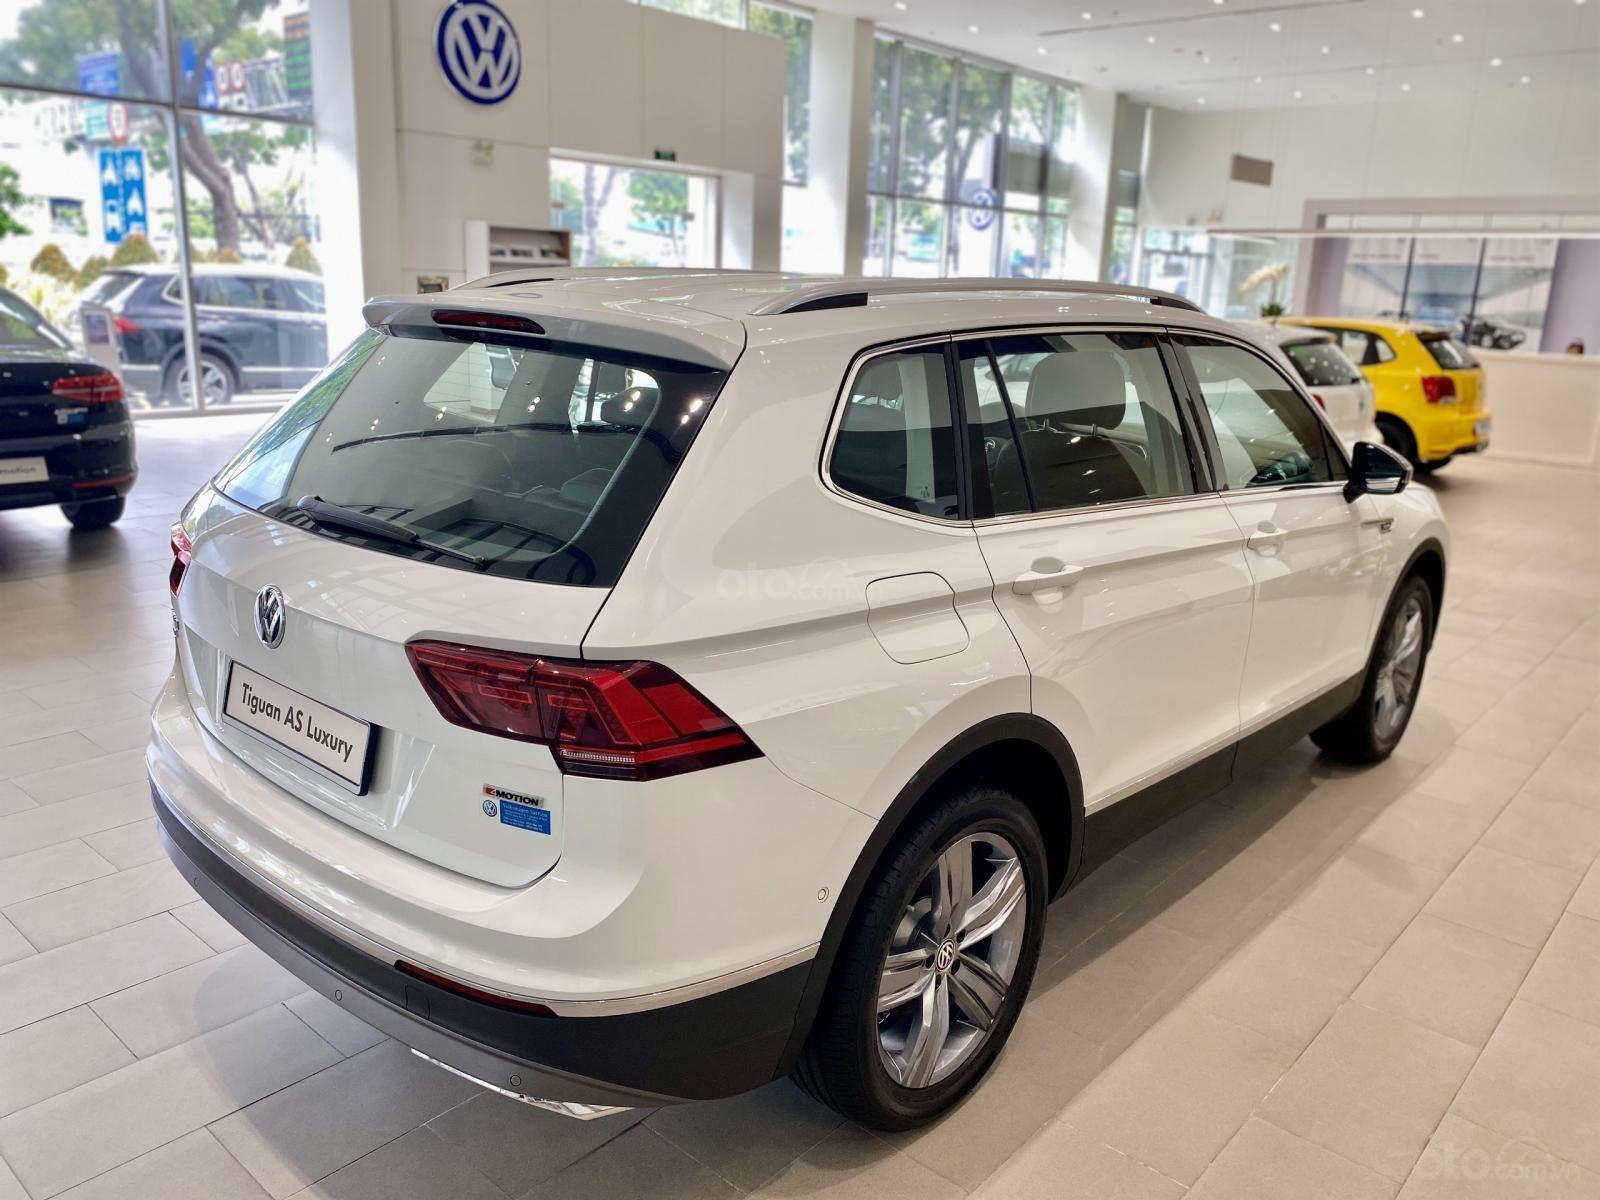 Volkswagen Sài Gòn Tiguan Luxury màu trắng - Giá tốt cho tháng ngâu - 6 màu giao ngay (trắng, đen, đỏ,.. ) - Hỗ trợ vay 80% (12)